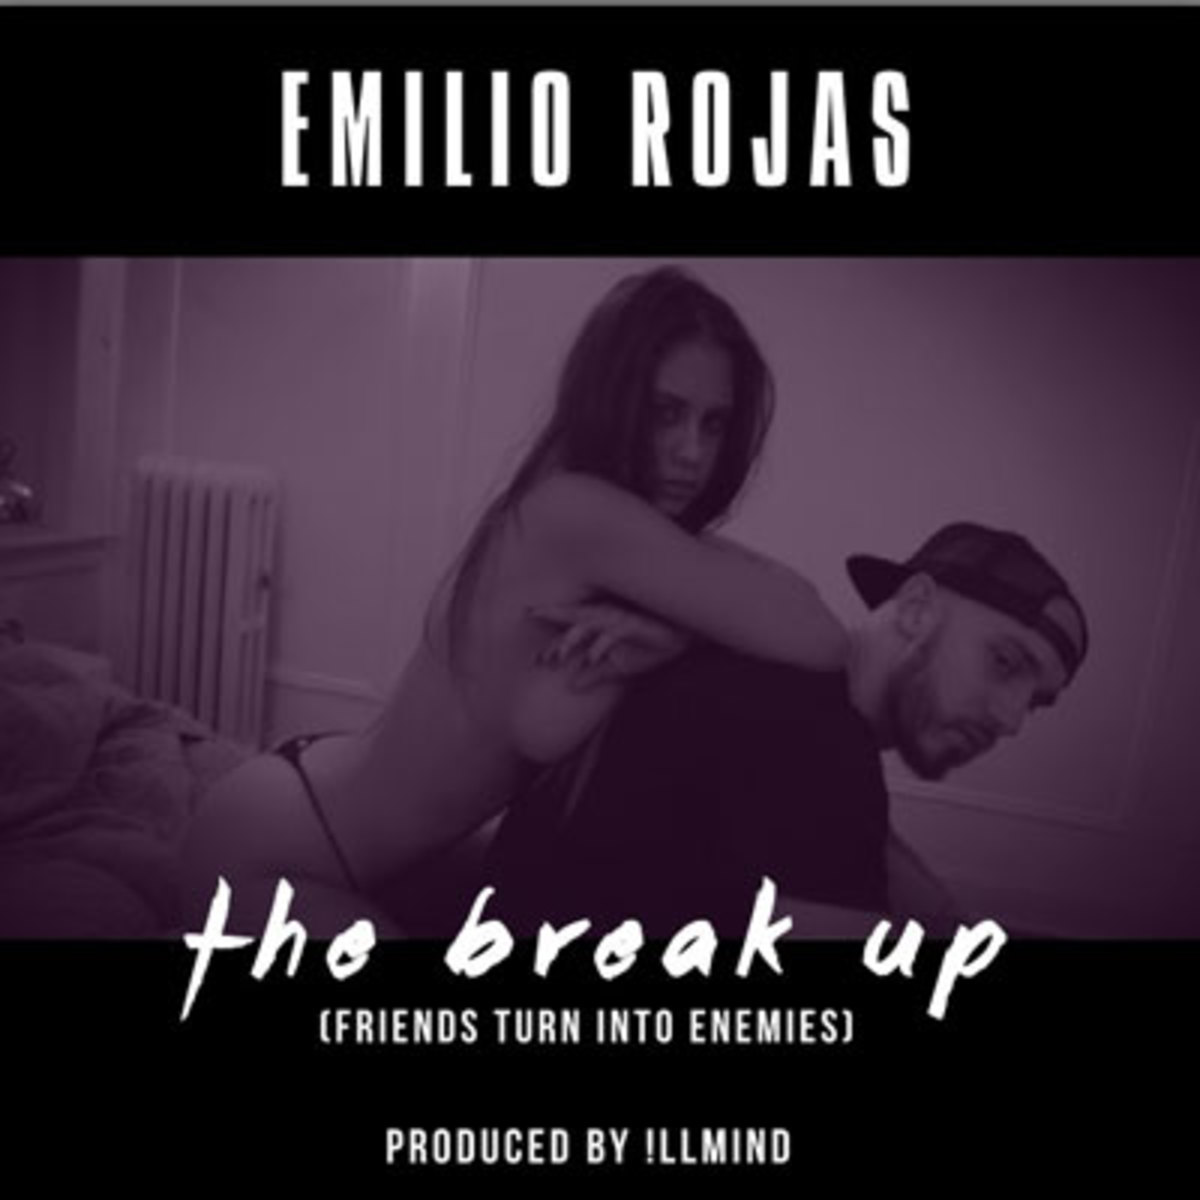 emiliorojas-thebreakup.jpg